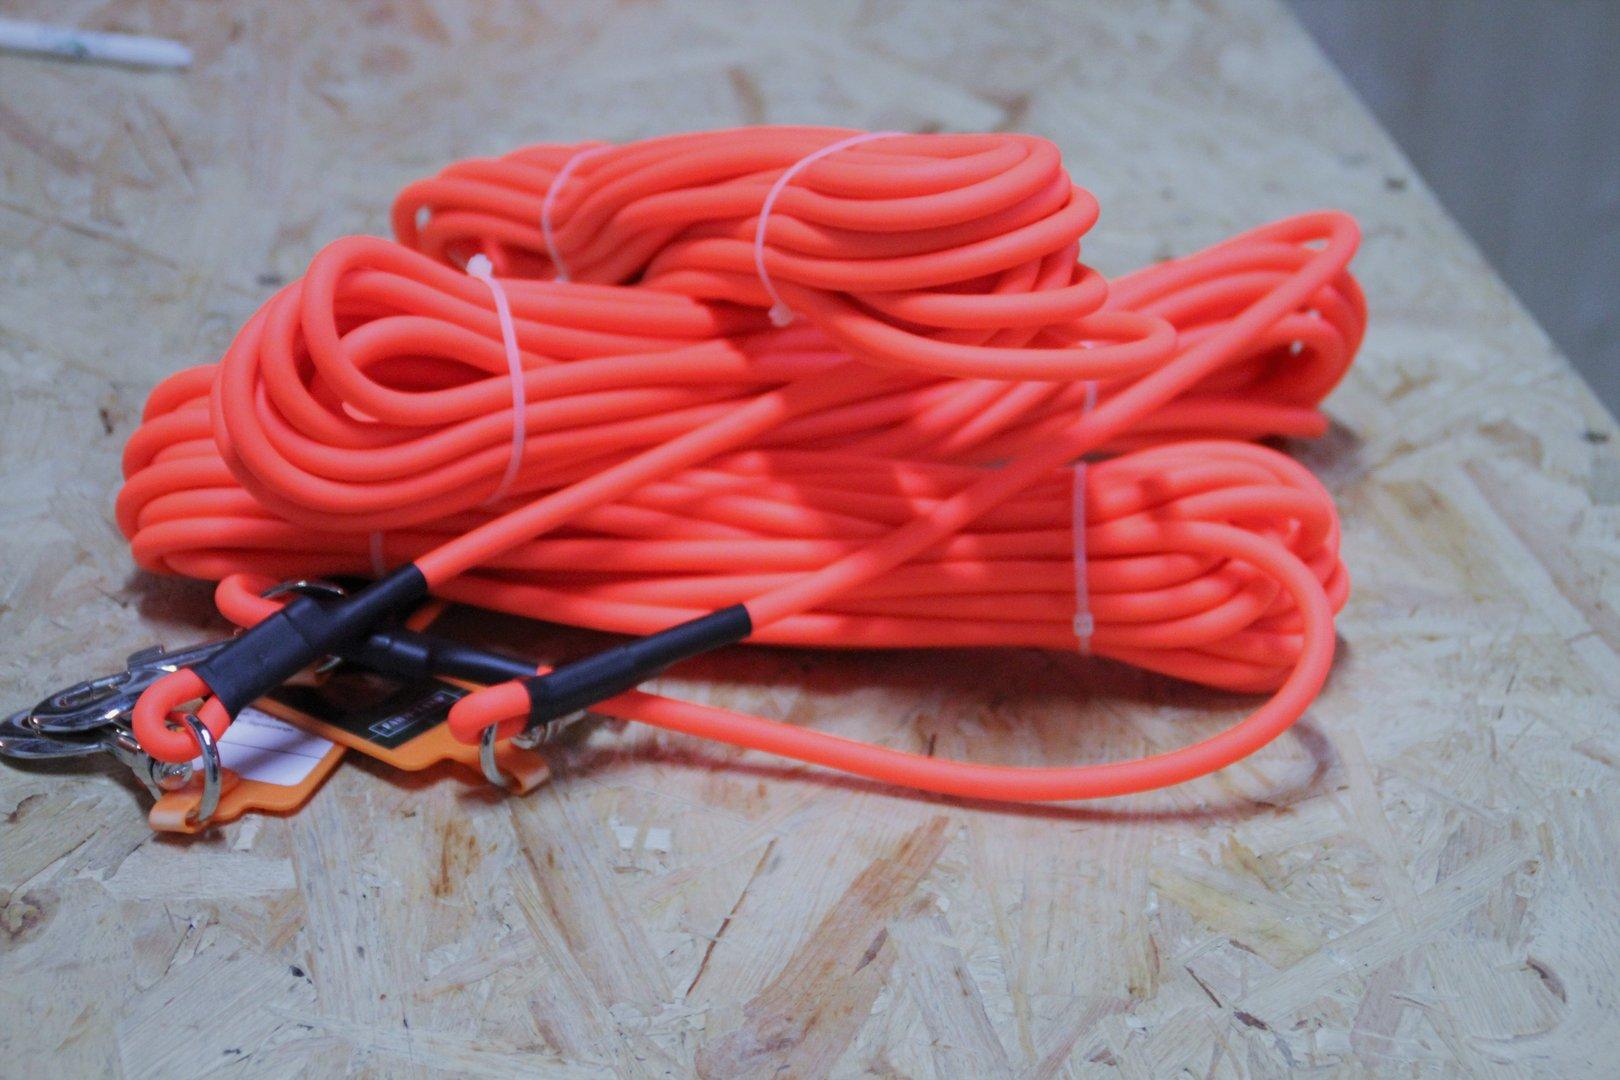 Suchleine 10 m orange rund